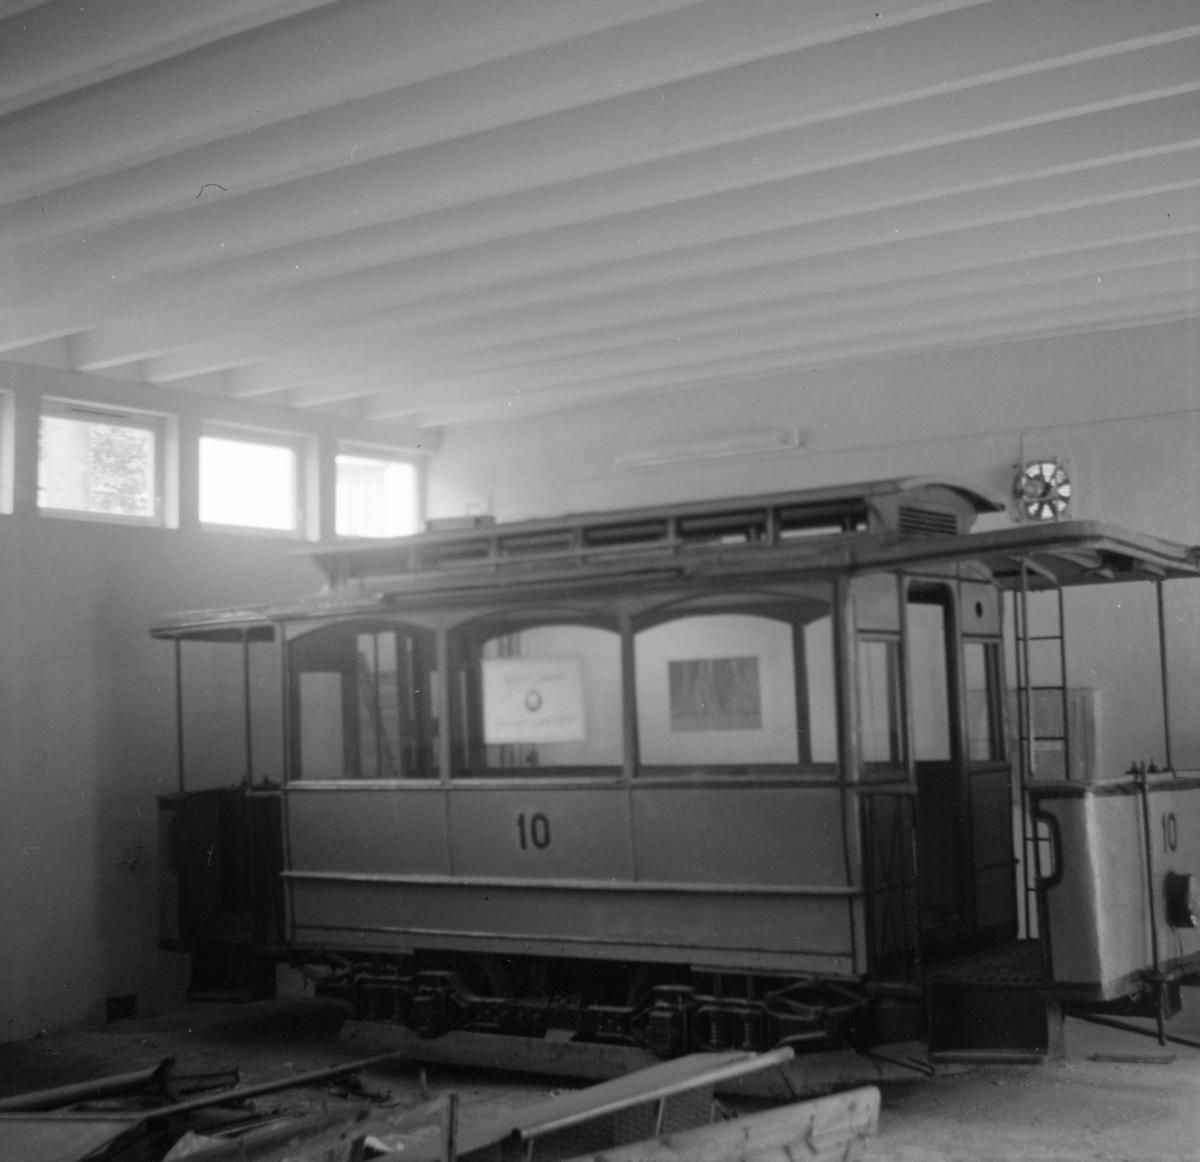 Motorvogn nr. 10 fra Bergen Sporvei. Dette er den eneste bevarte av Bergens Sporveis vognmateriell.